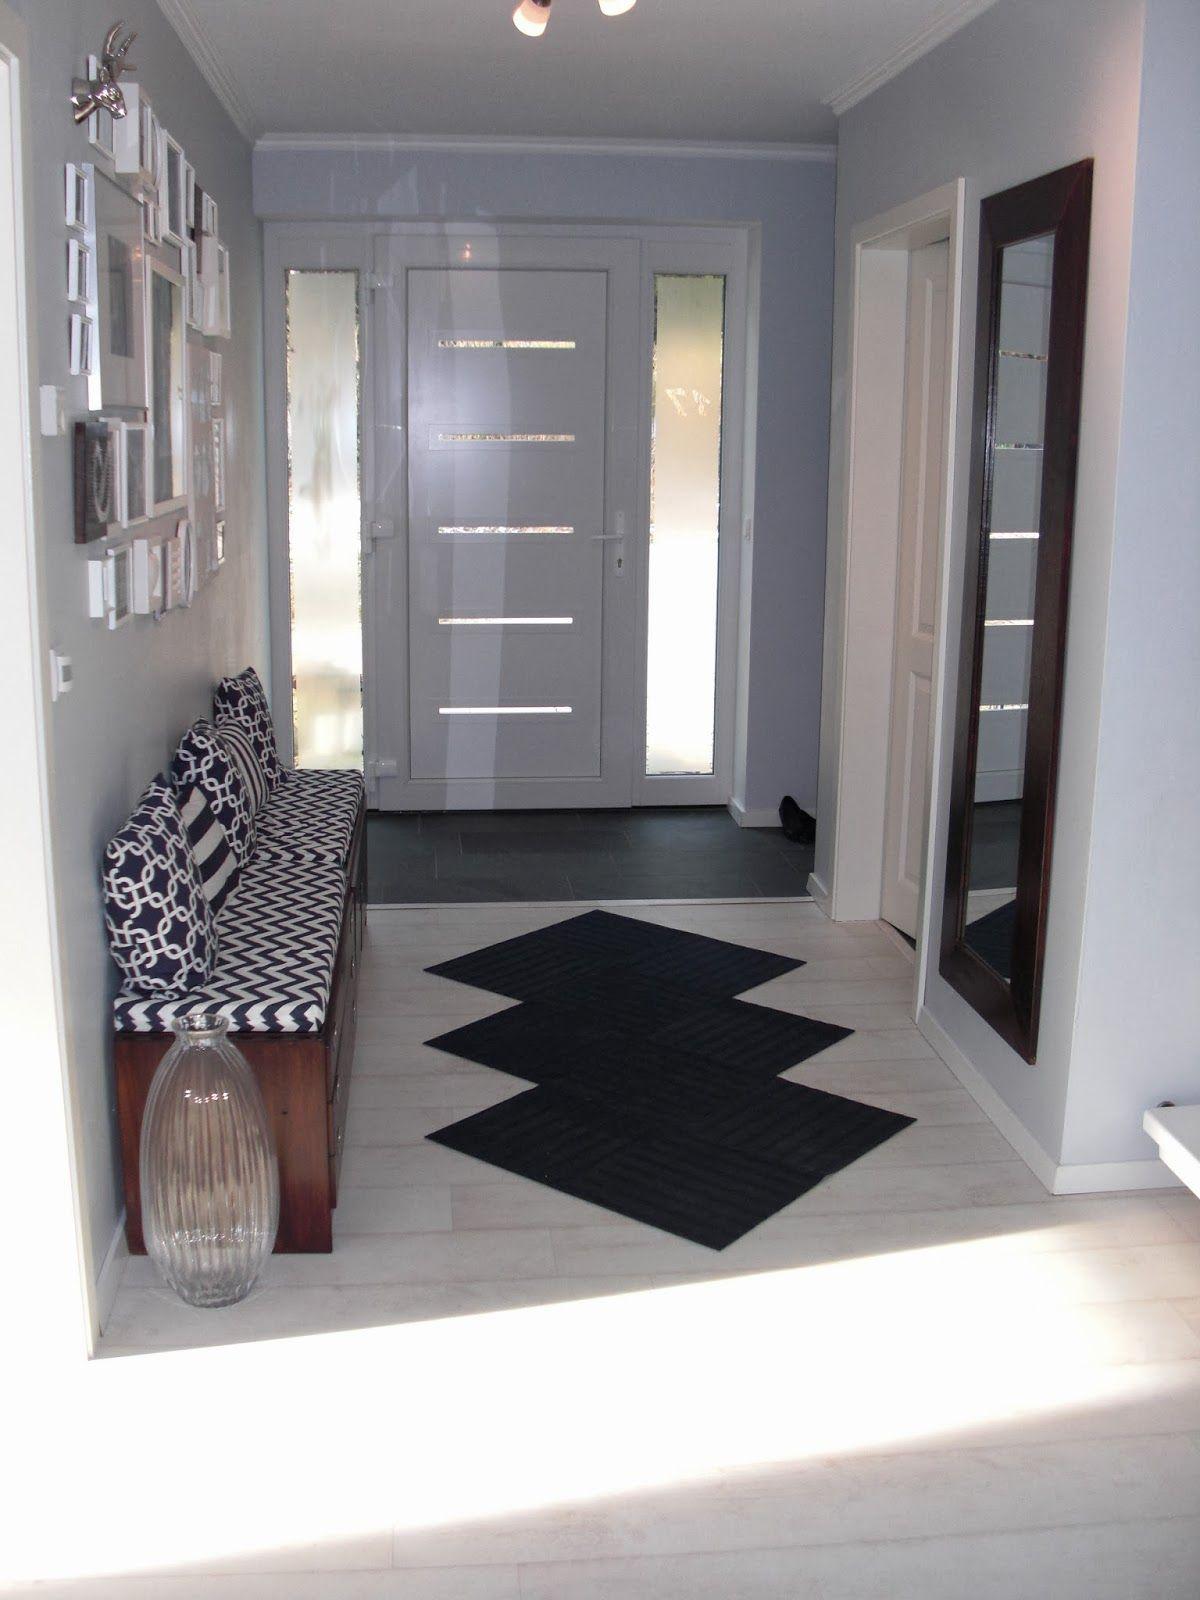 Dyi Flur Teppich Fur 7 00 Flur Eingangsbereich Garderoben